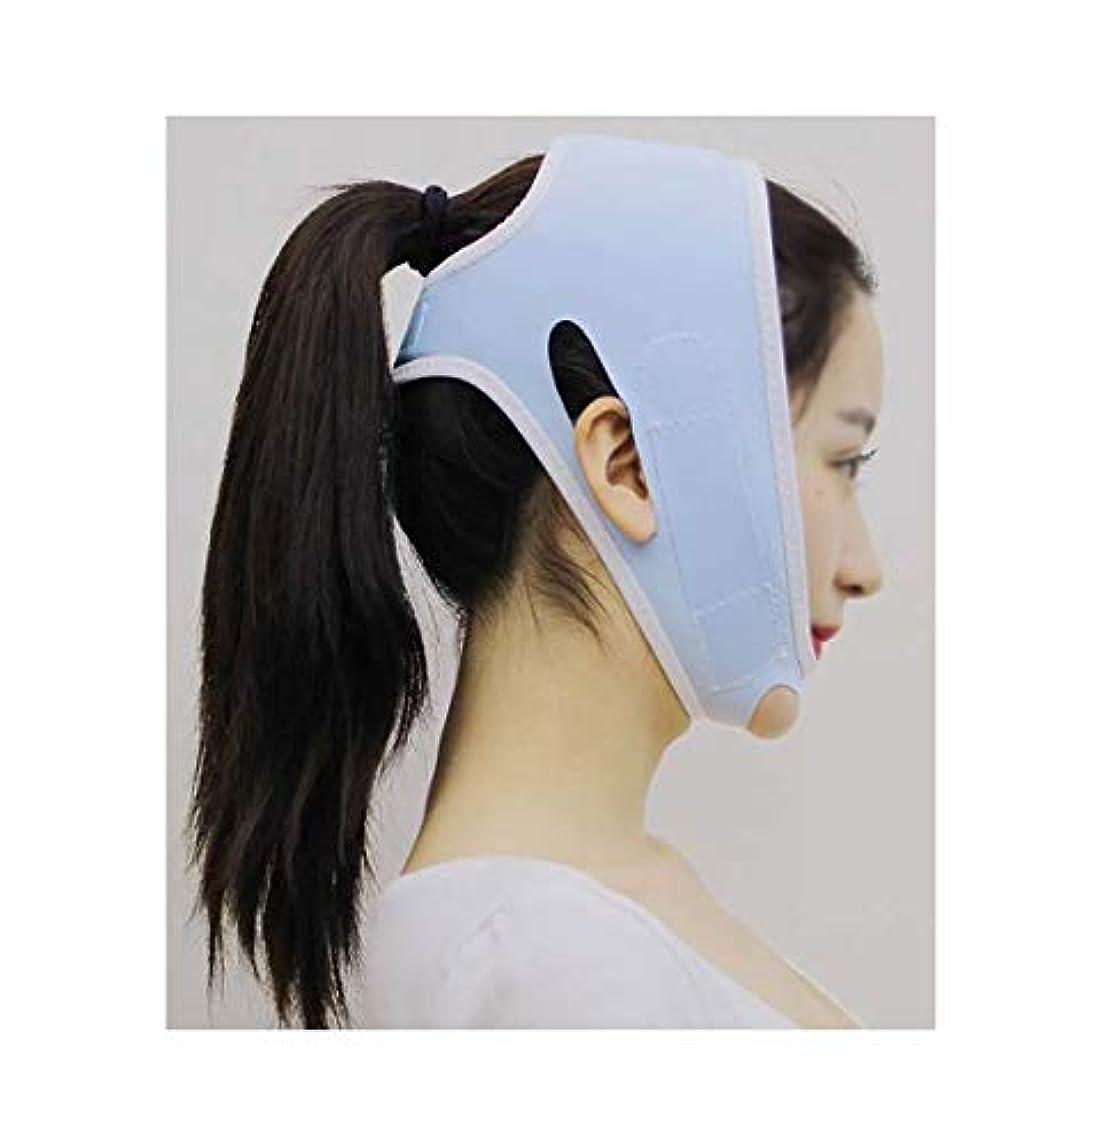 確実ドラフト愛されし者TLMY 包帯ヘッドギアマスクの顔Vの顔の薄い顔のアーティファクトプラスチック美容ゴムバンドフェイスリフトネックリフト後薄い顔マスクあごベルトの回復 顔用整形マスク (Color : Blue)